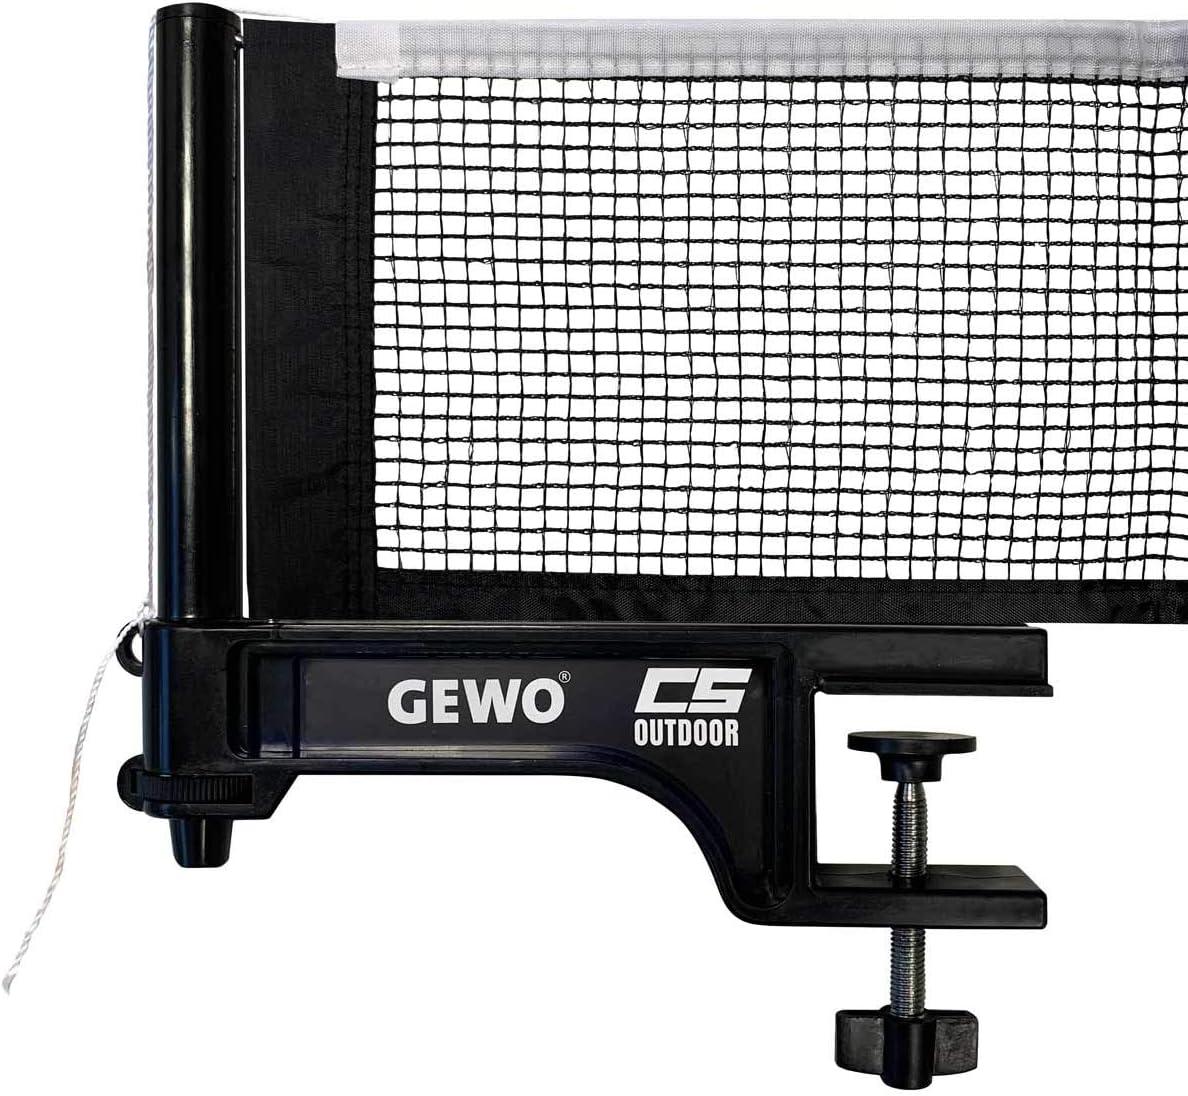 GEWO CS Outdoor - Red de Ping Pong